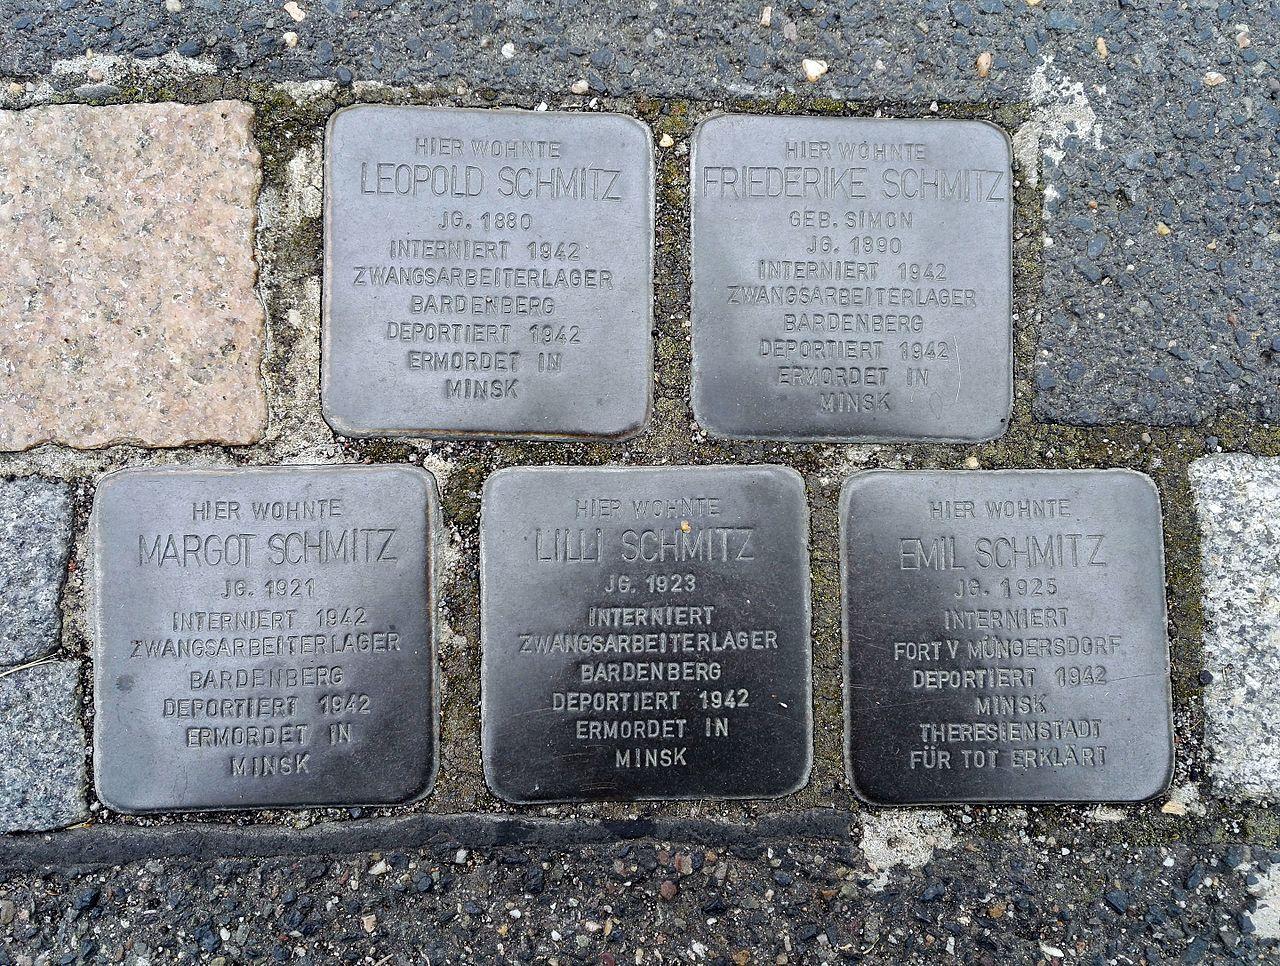 Stolpersteins Leopold Schmitz, Friederike Schmitz, Margot Schmitz, Lilli Schmitz, Emil Schmitz, Büttgasse 14, Bornheim.jpg